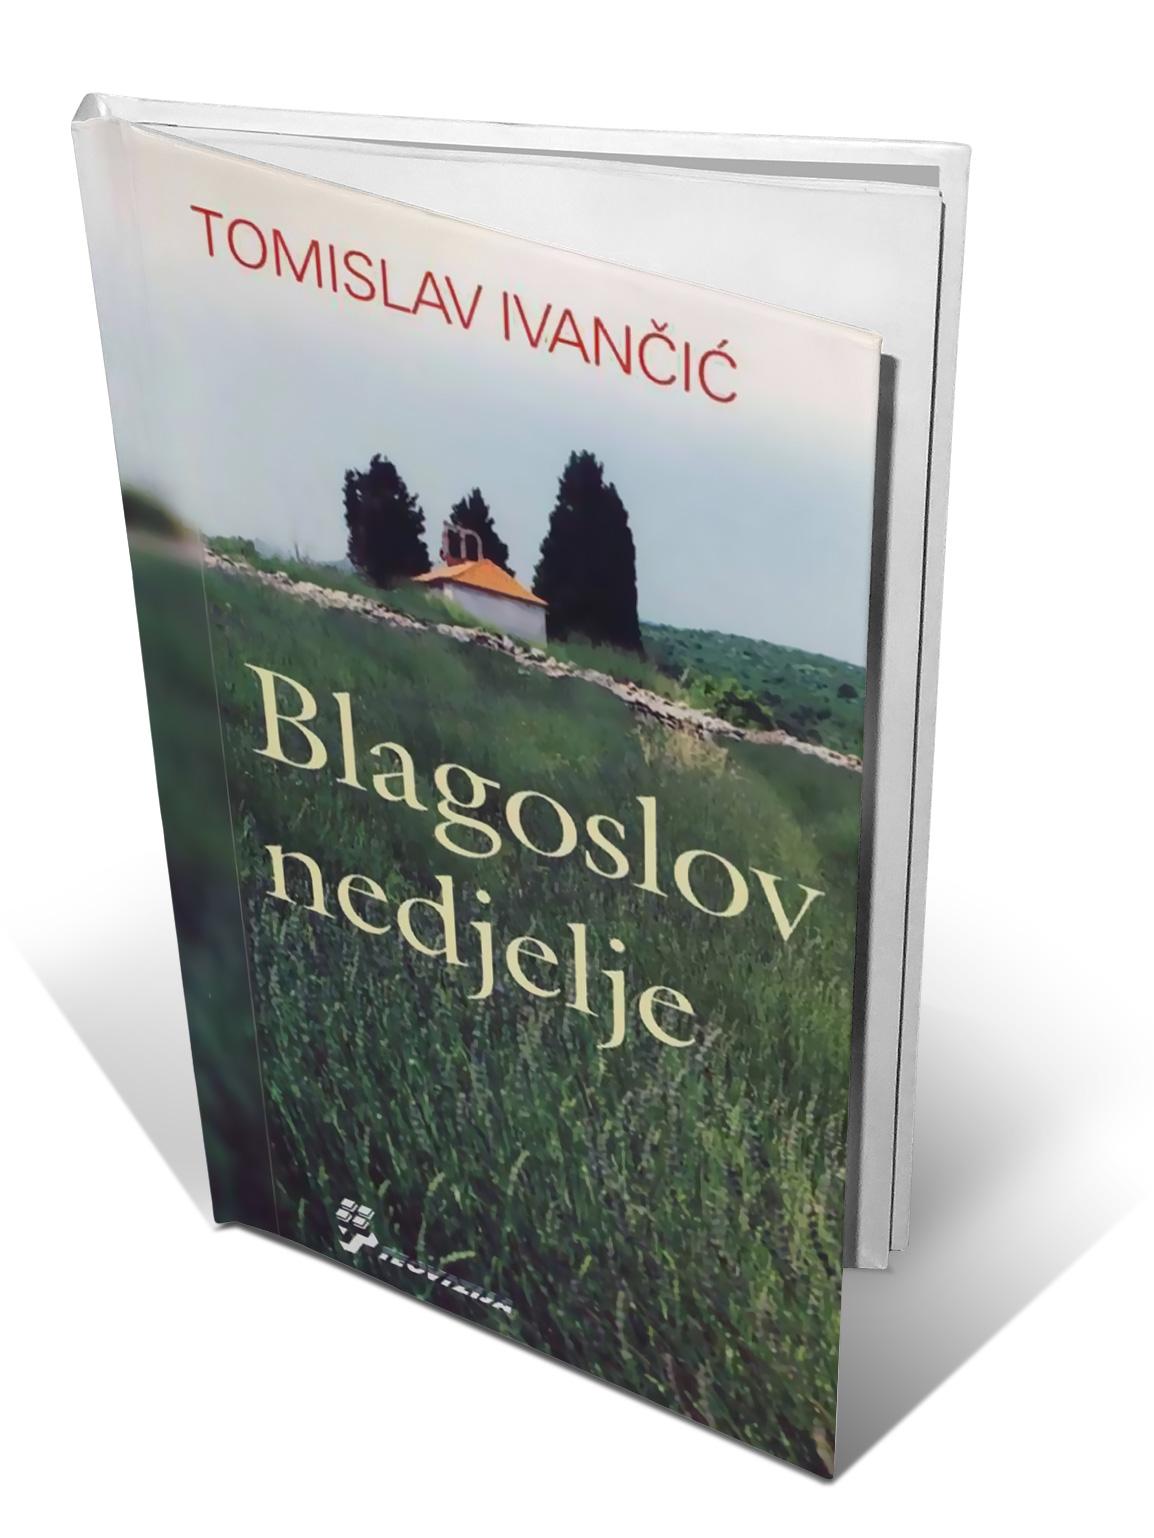 BLAGOSLOV NEDJELJE - Tomislav Ivančić